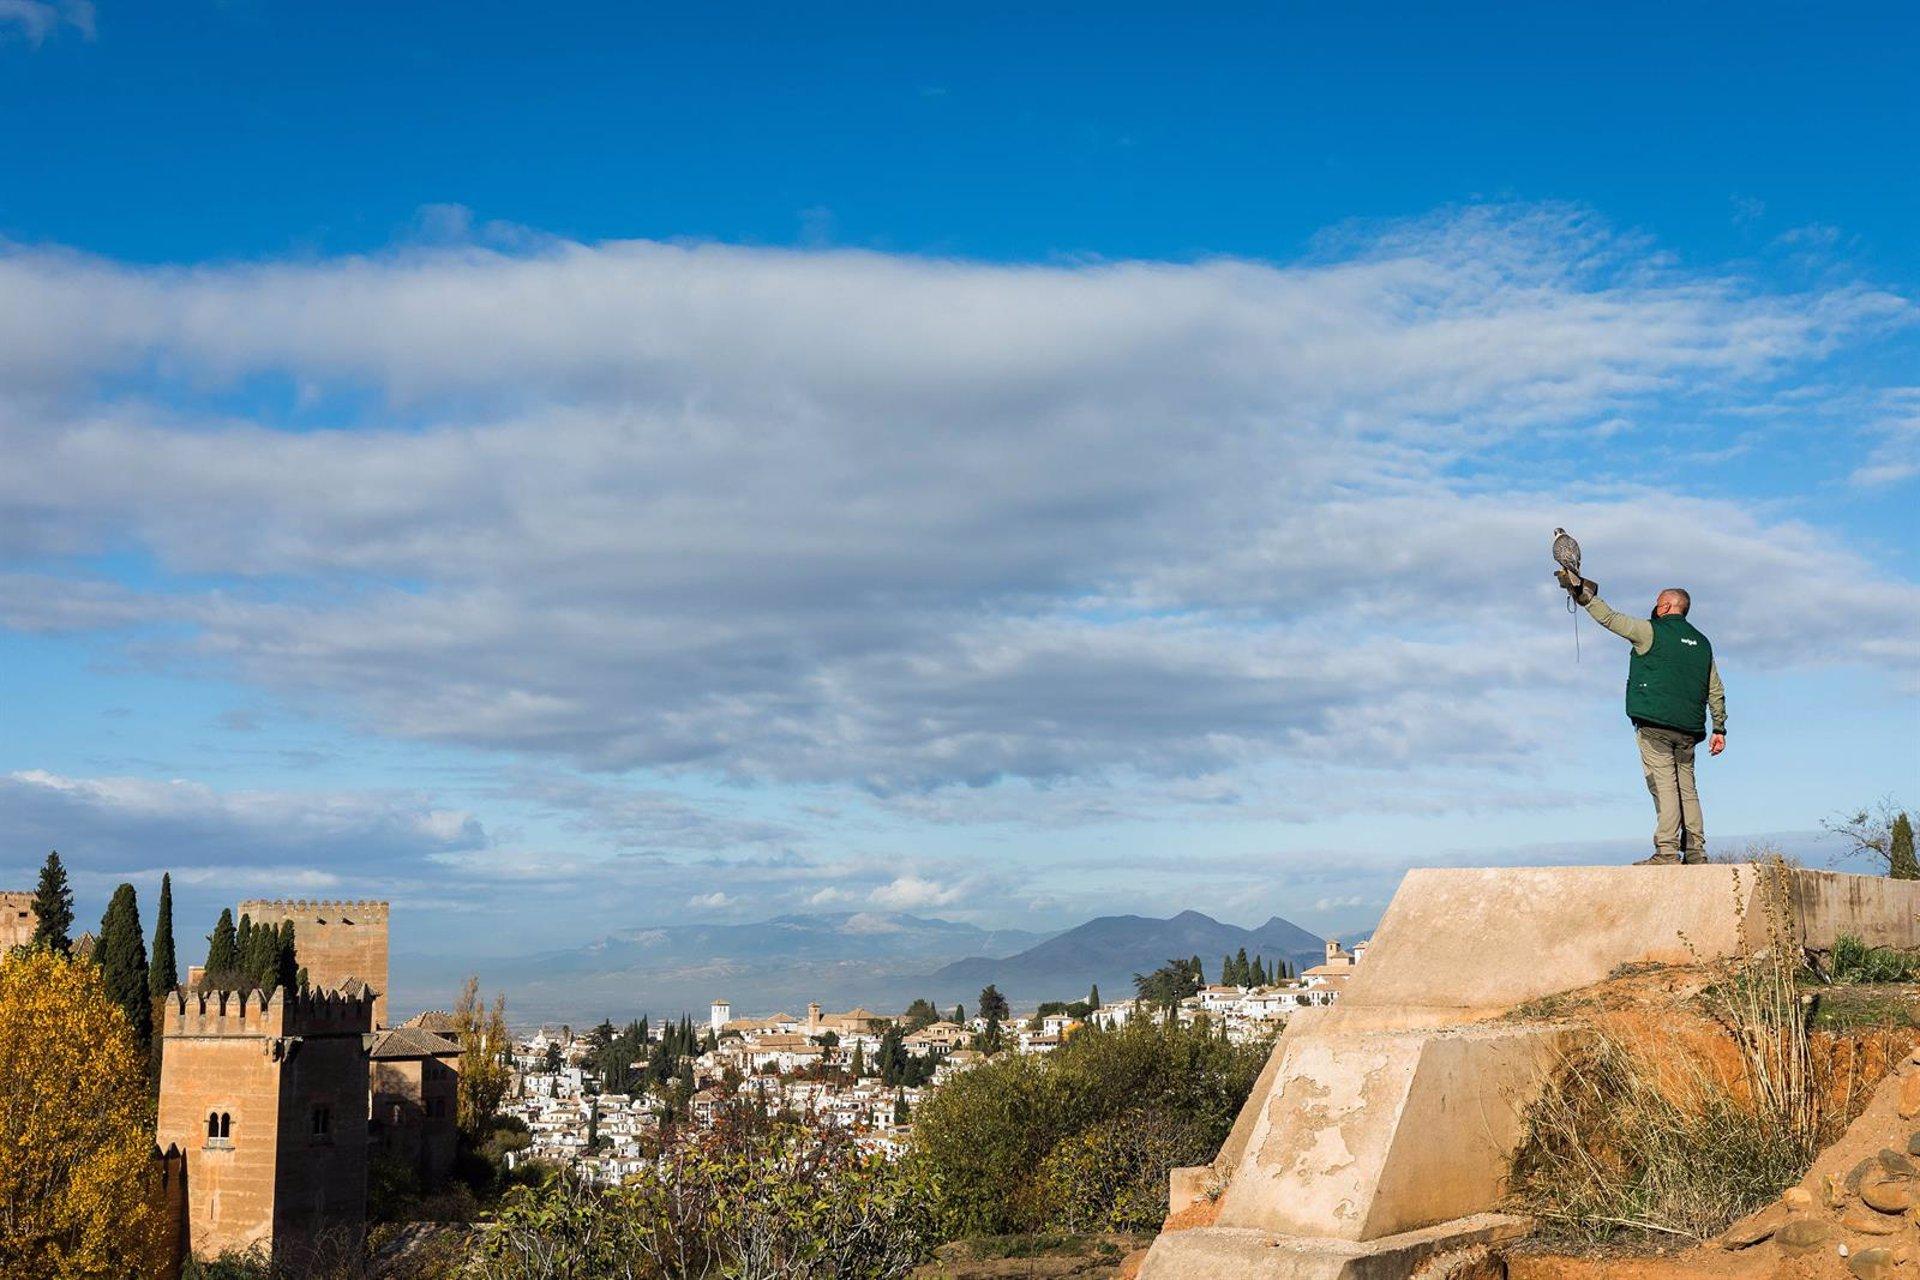 Dos aguilillas de Harris, un azor y dos halcones tratarán de mitigar la presencia de palomas en la Alhambra